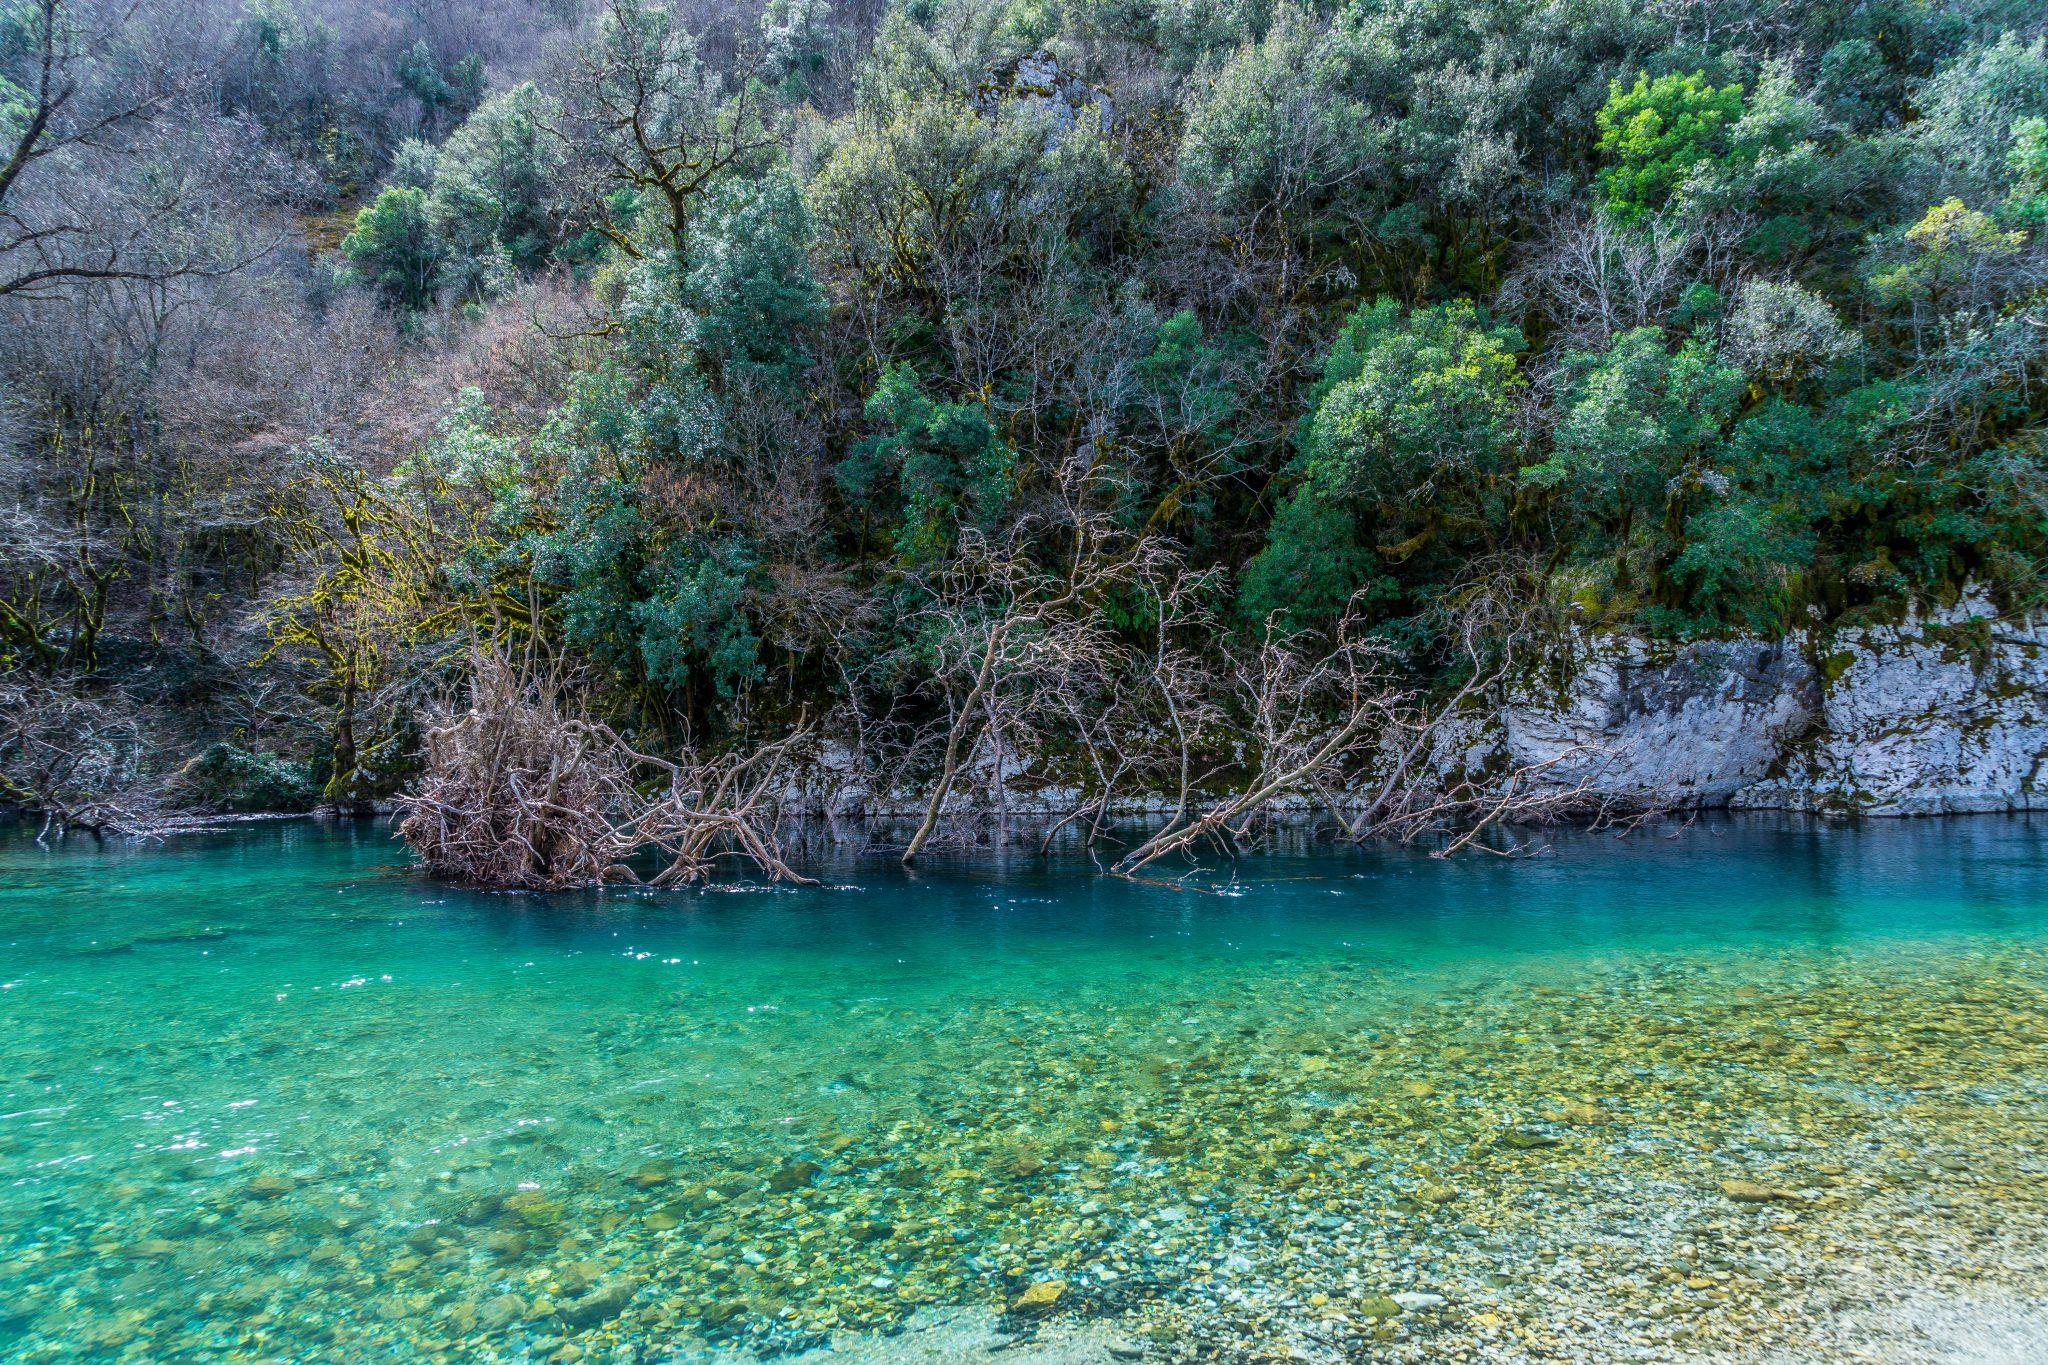 ποταμος βοϊδοματης ζαγοροχωρια